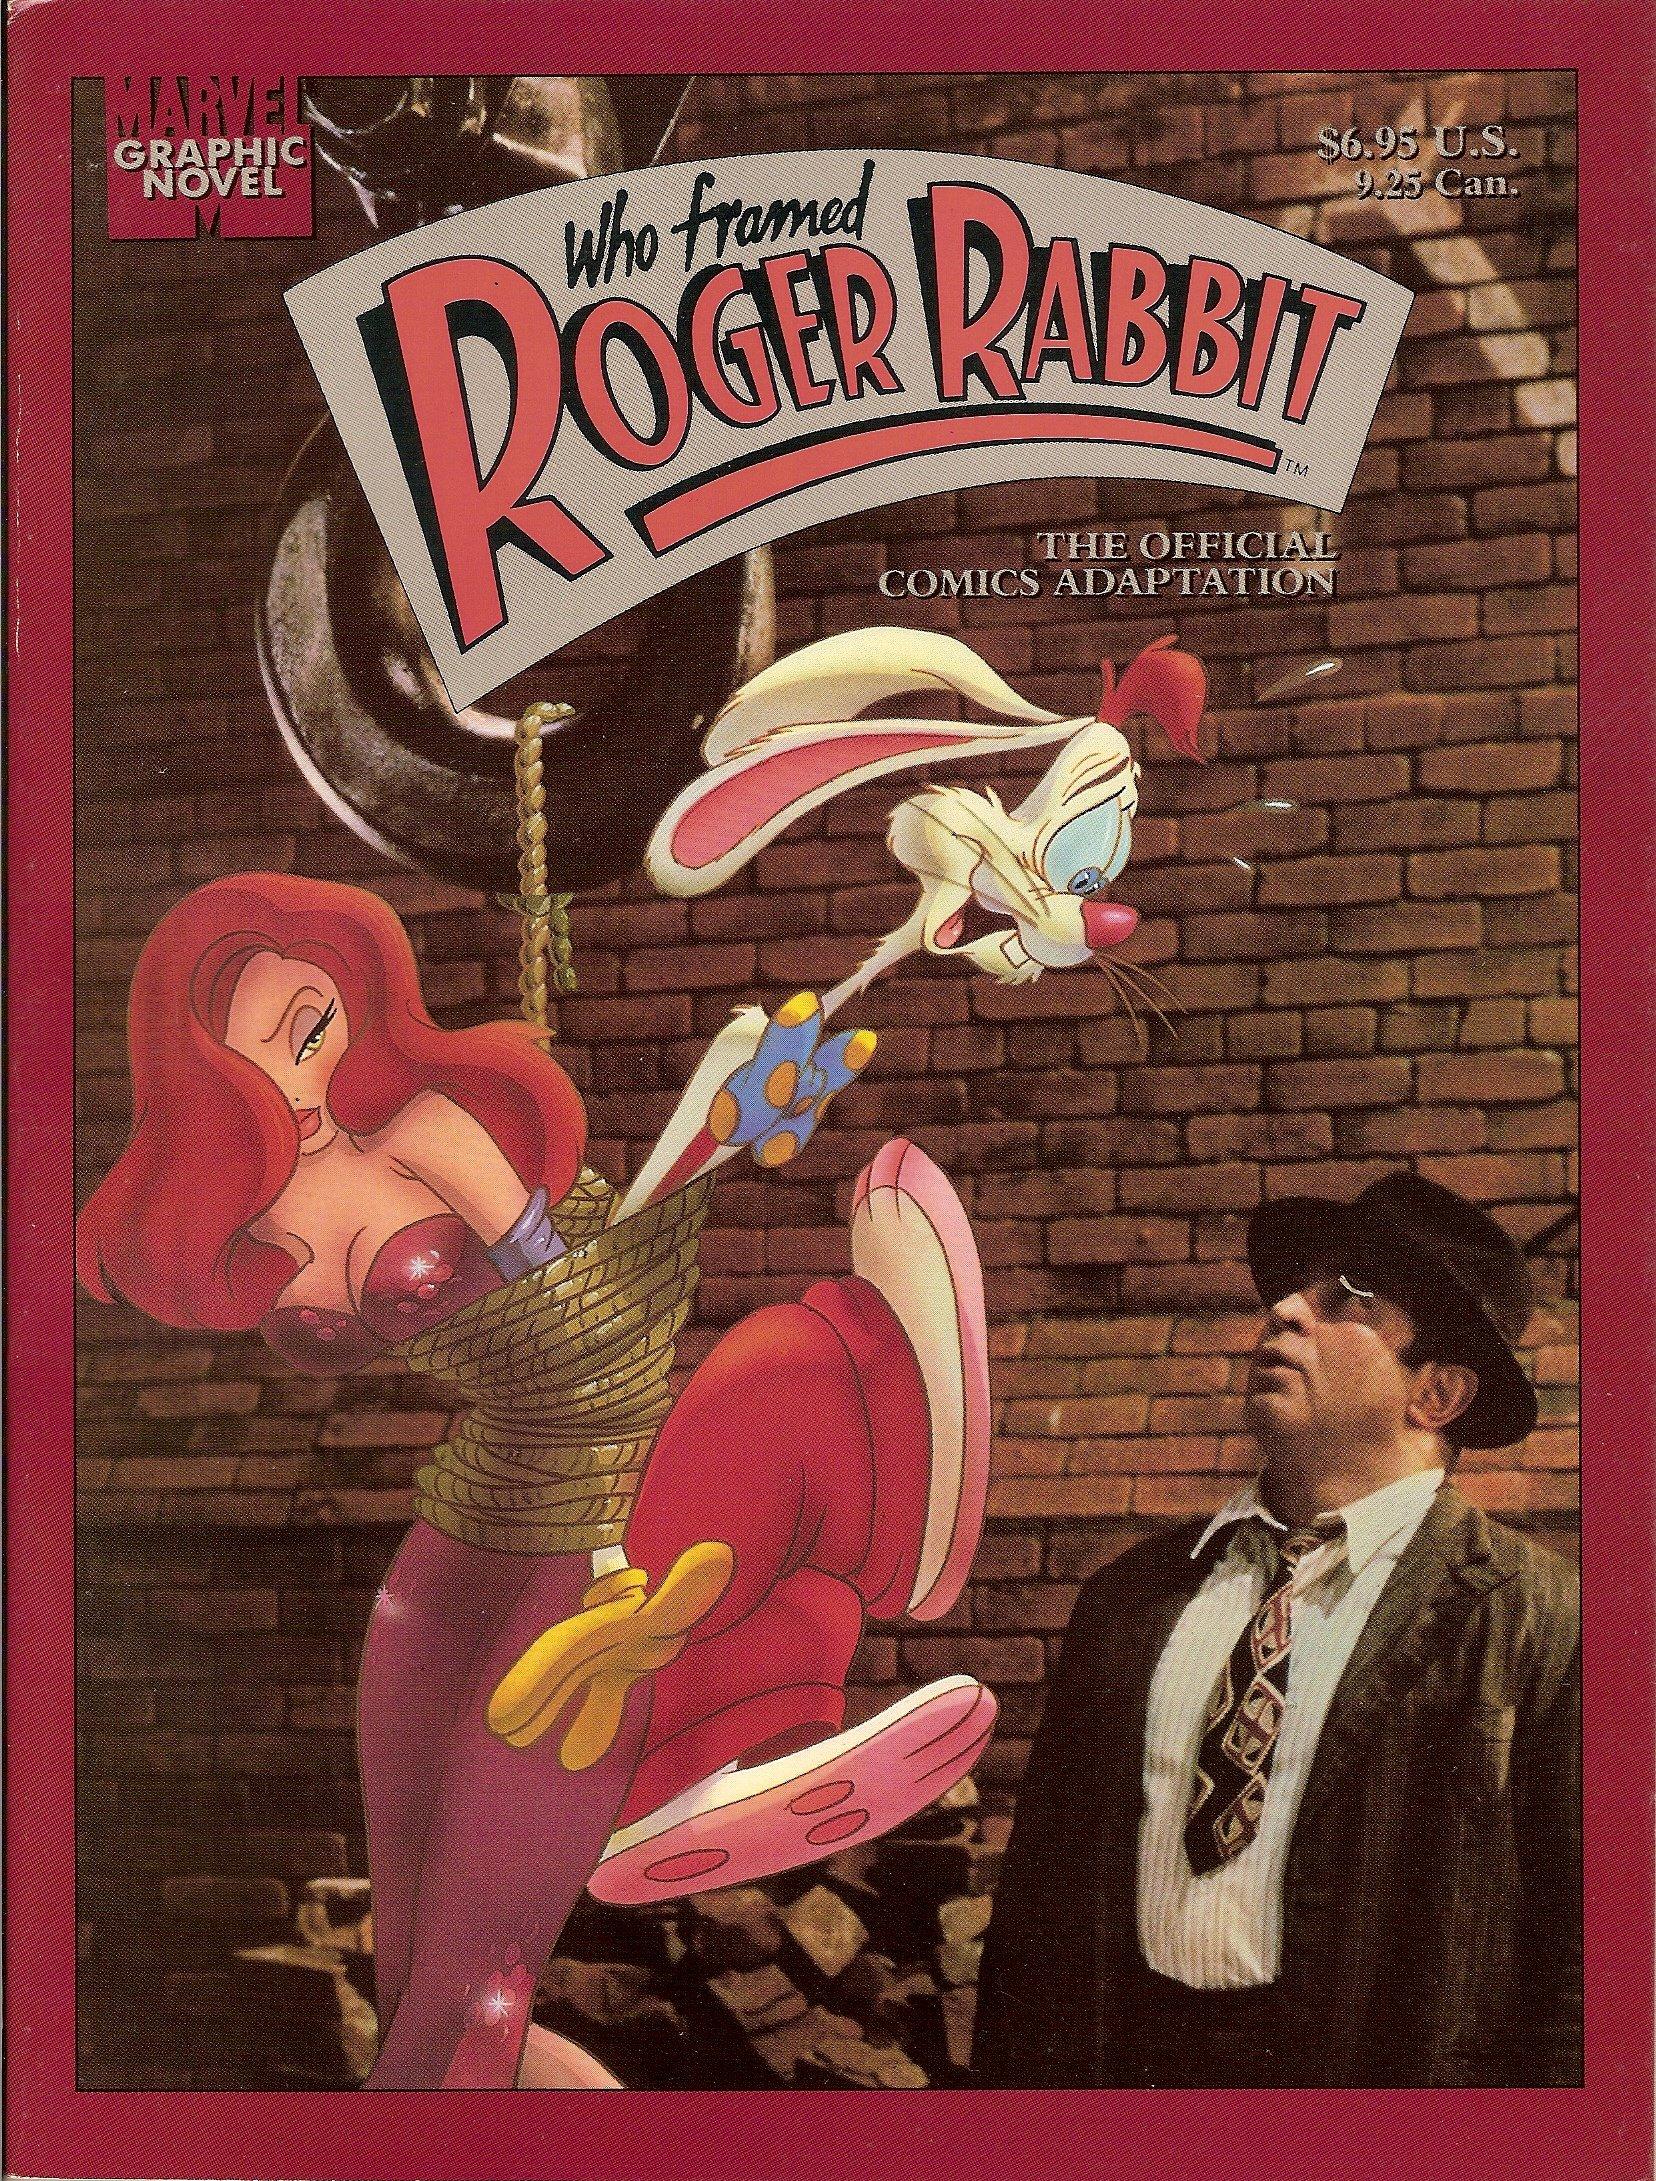 Amazon.com: Who framed Roger Rabbit? (Marvel graphic novel ...